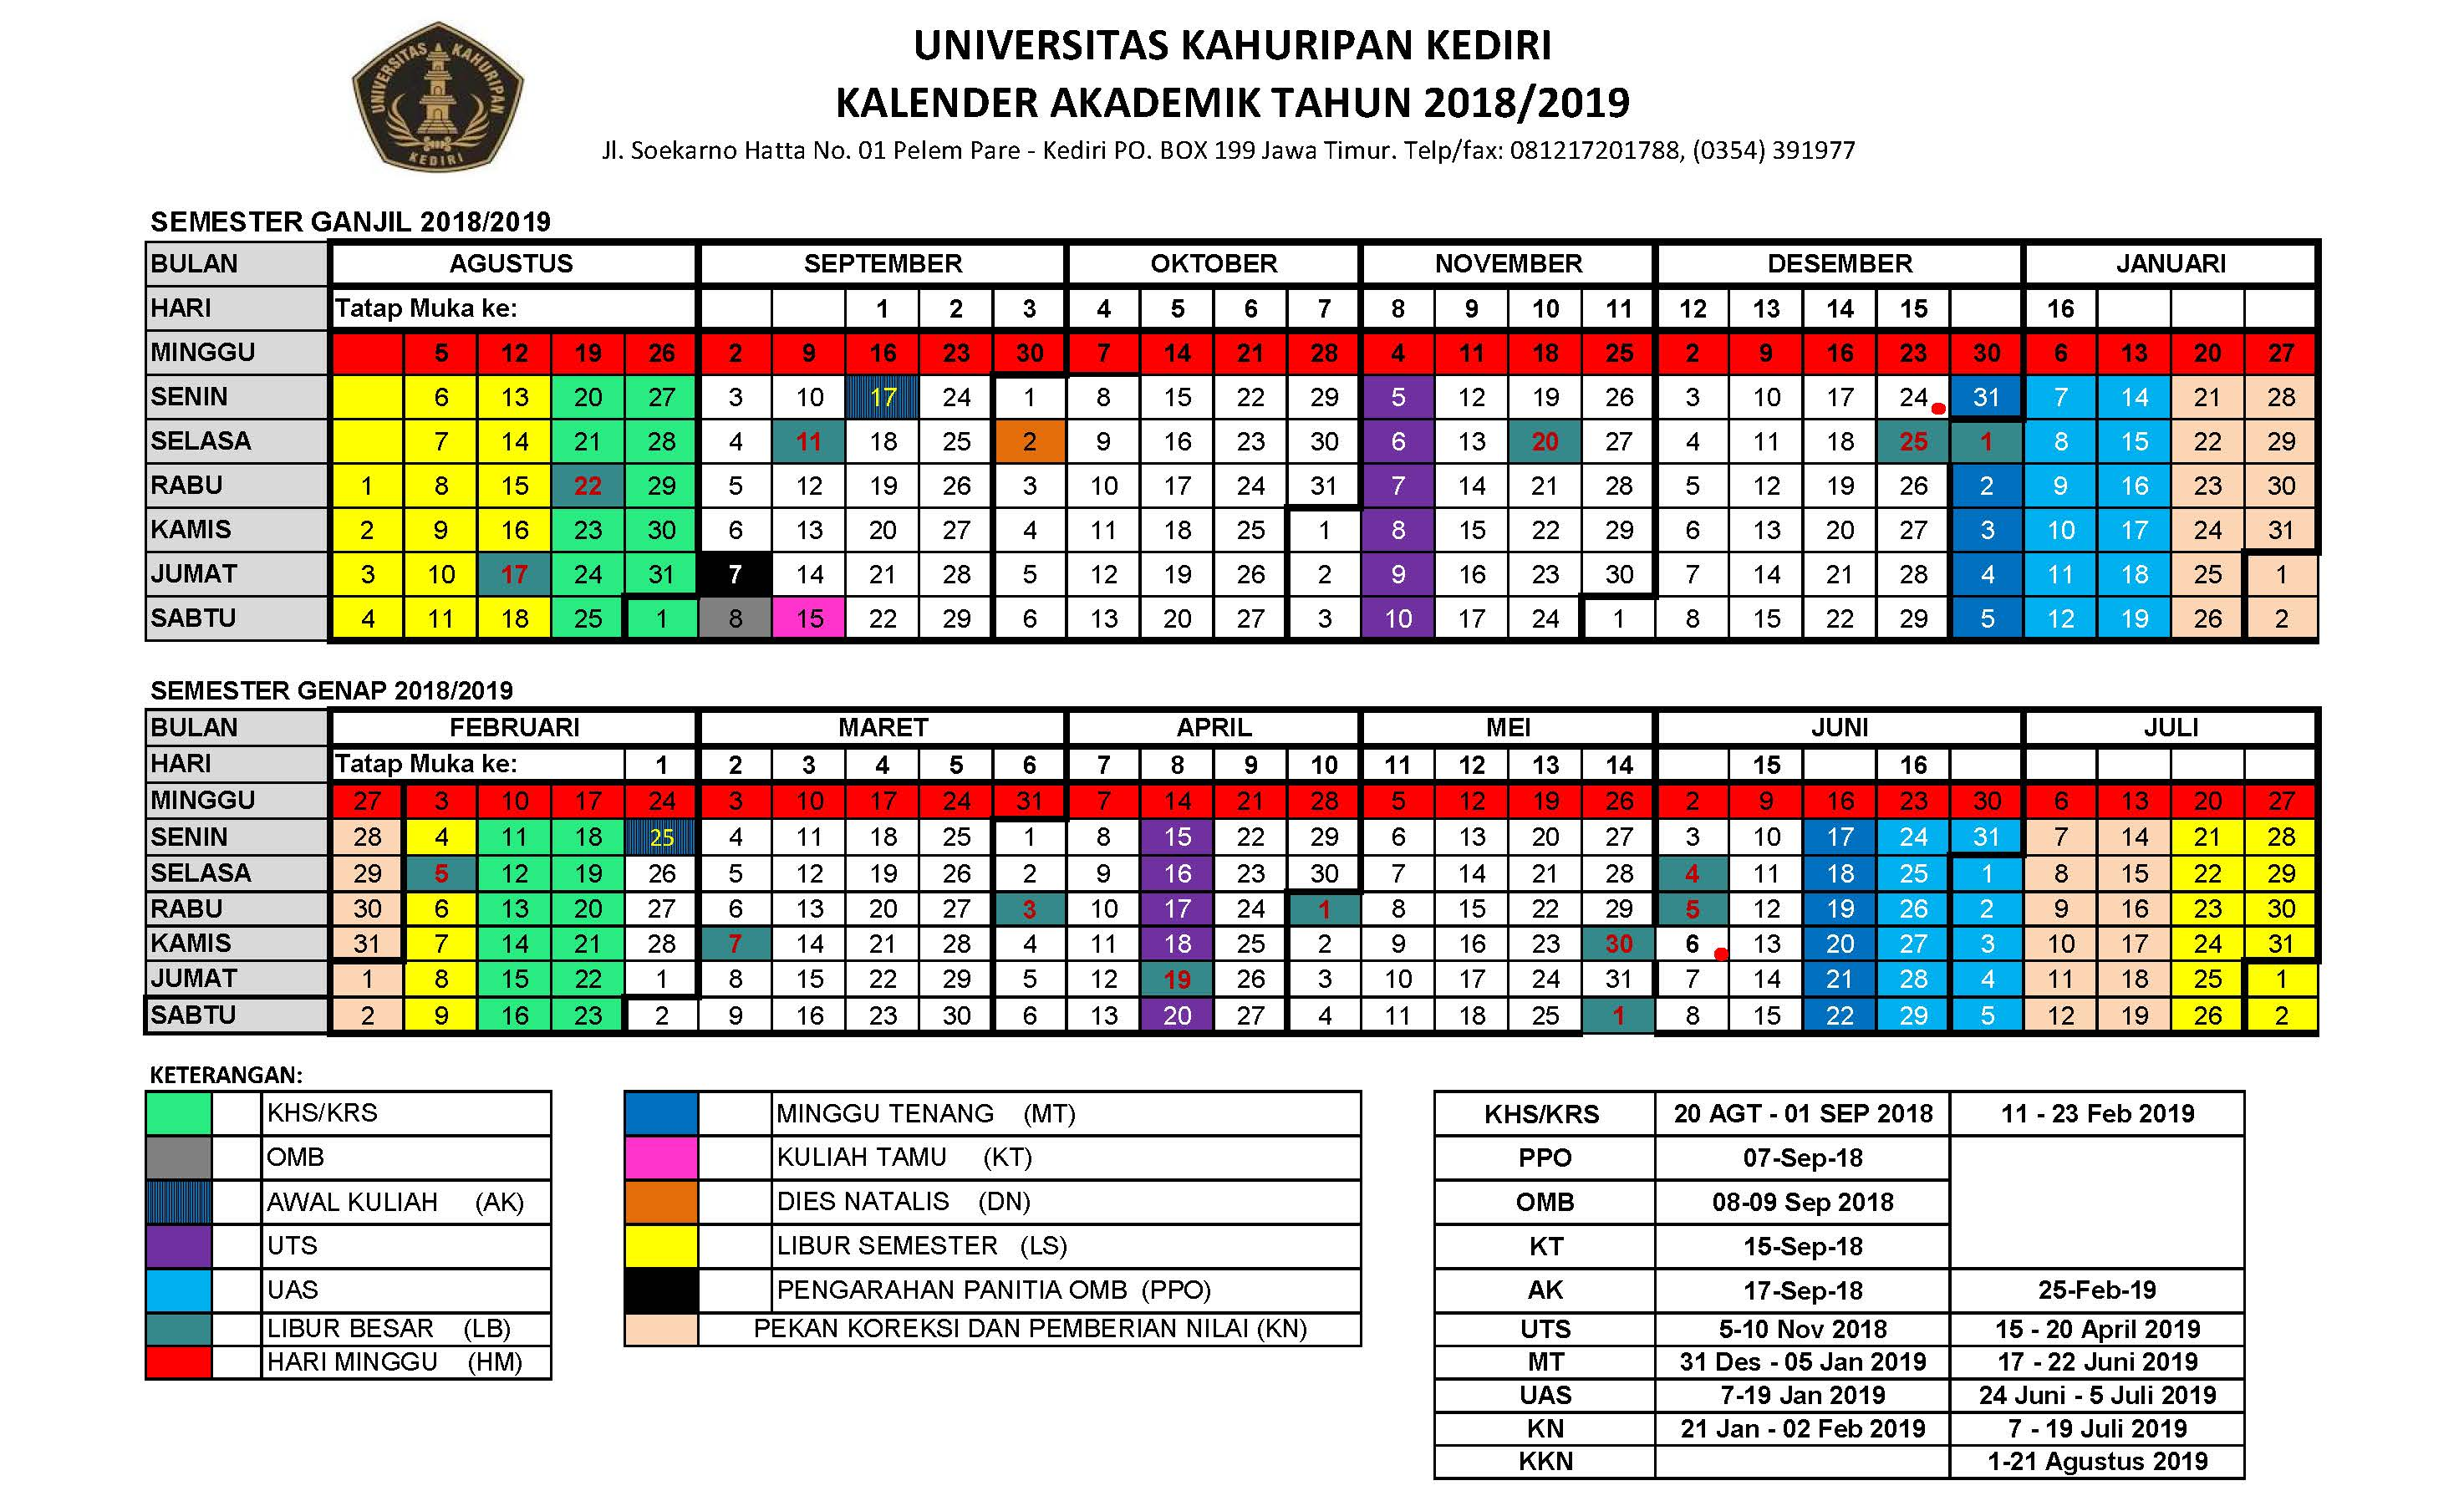 Universitas Kahuripan Kediri, kampung inggris, kuliah kediri, kampus kediri, perguruan tinggi, pendidikan tinggi